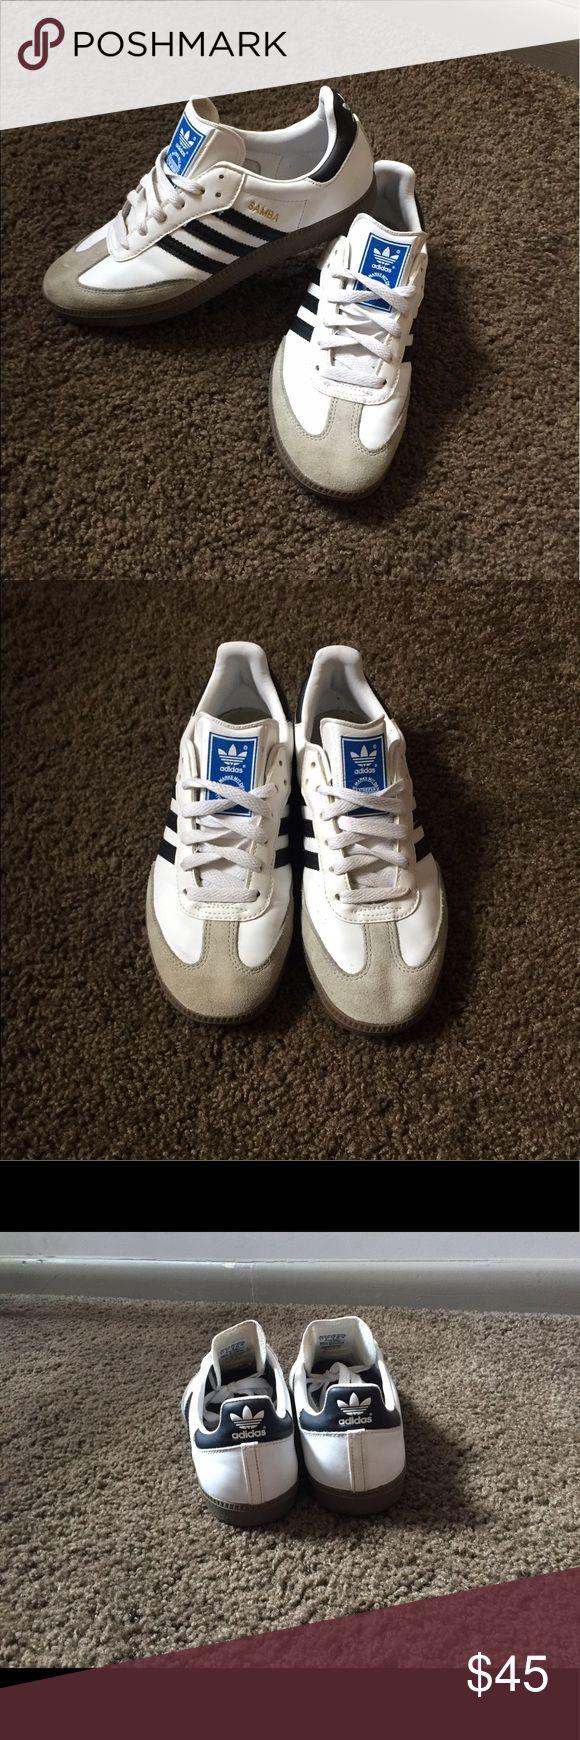 White Adidas Samba Classics Unisex white adidas samba classics. Size 7. Slightly worn. adidas Shoes Athletic Shoes